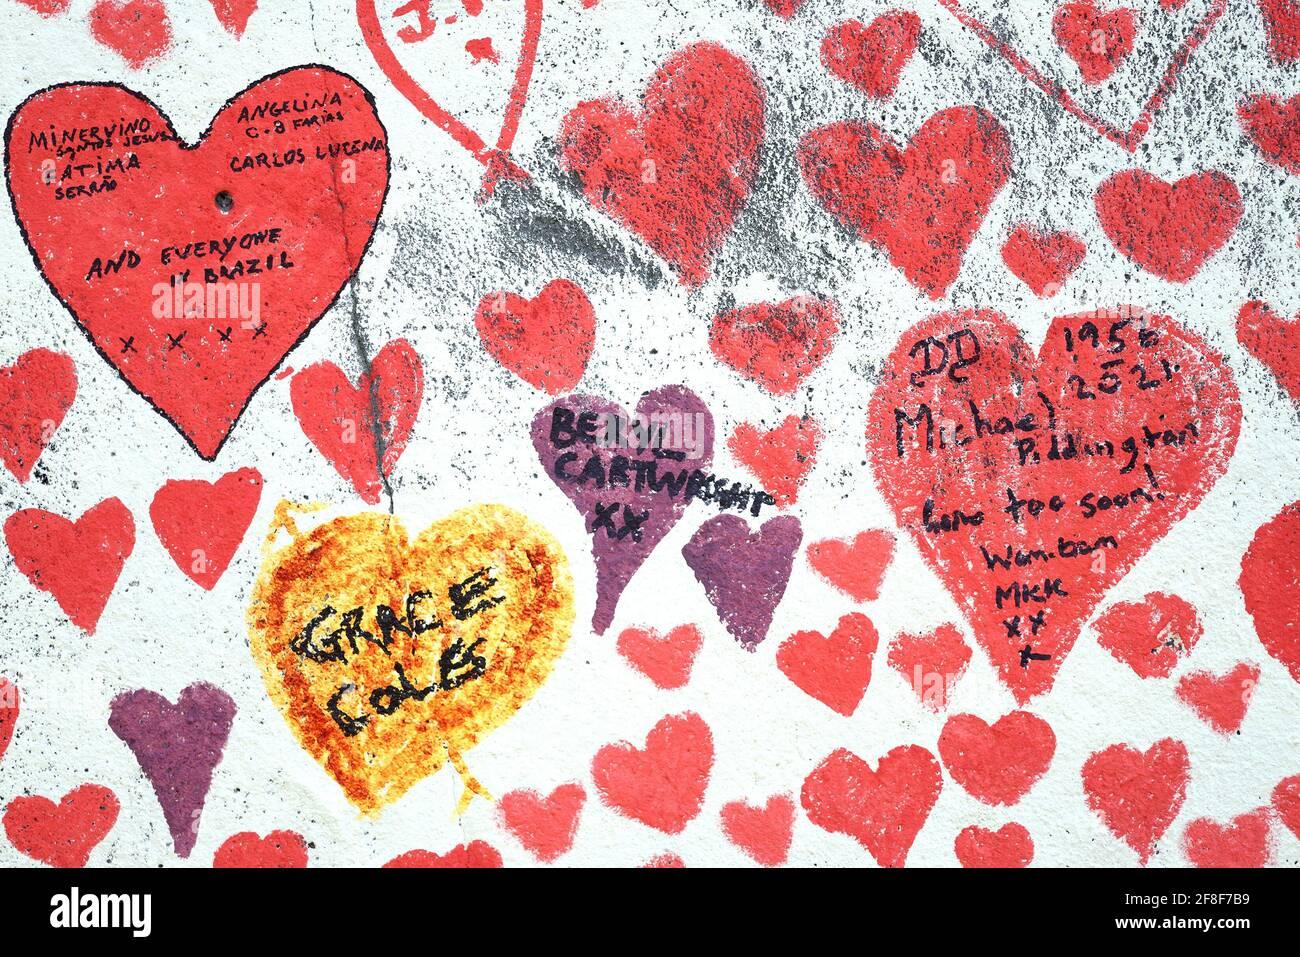 Londres, Angleterre, Royaume-Uni. Mur commémoratif national de Covid le long de l'Embankment de la Tamise, en face des chambres du Parlement, c150000 cœurs commémorant le li Banque D'Images